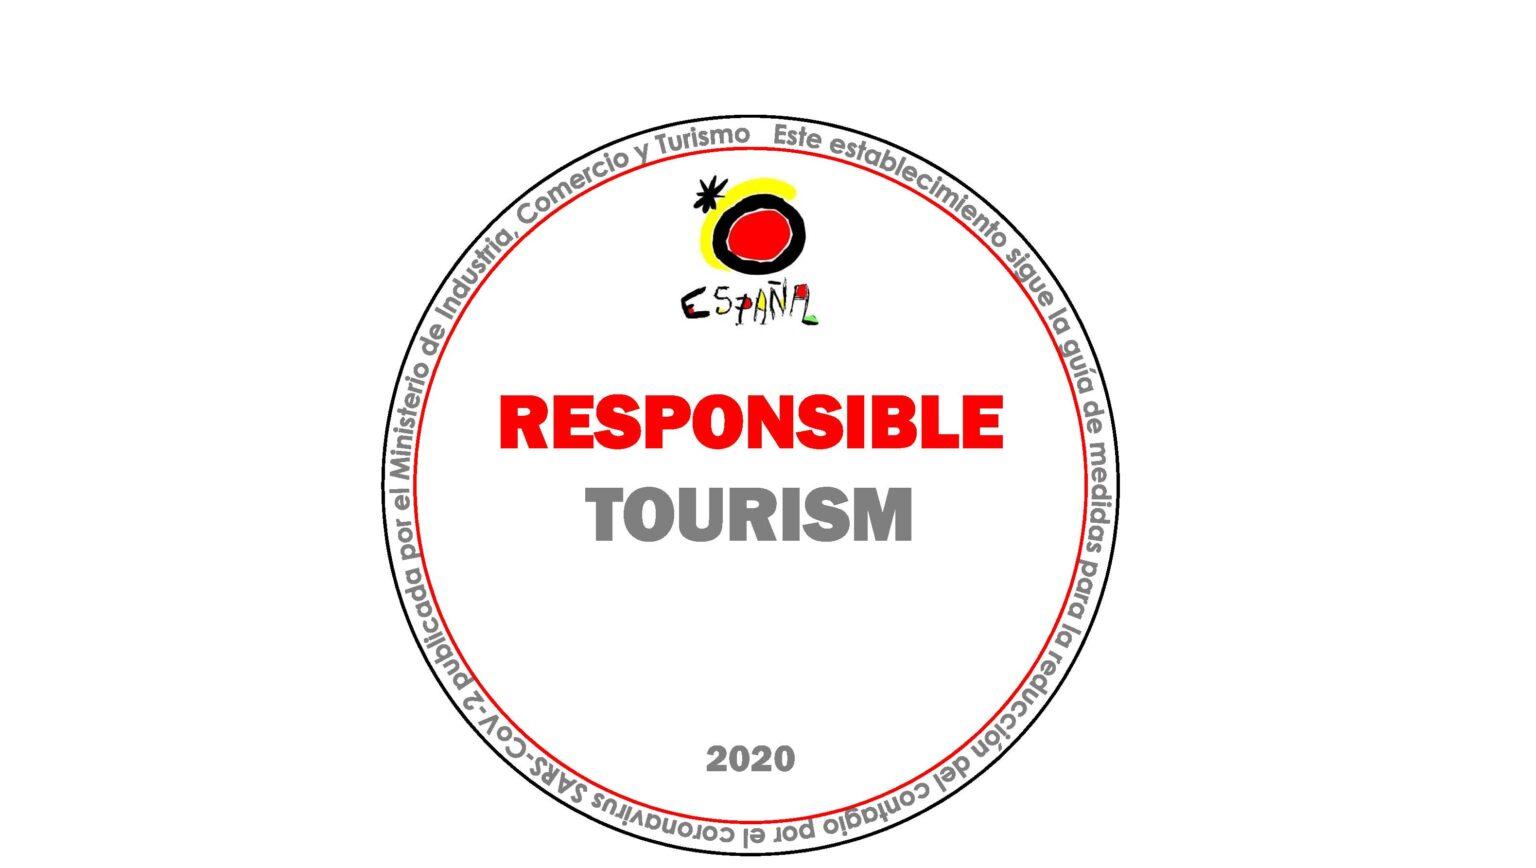 CEHAT solicita al Ministerio de Turismo medidas inmediatas ante la falta de rigor en la concesión de los sellos 'Responsible tourism'